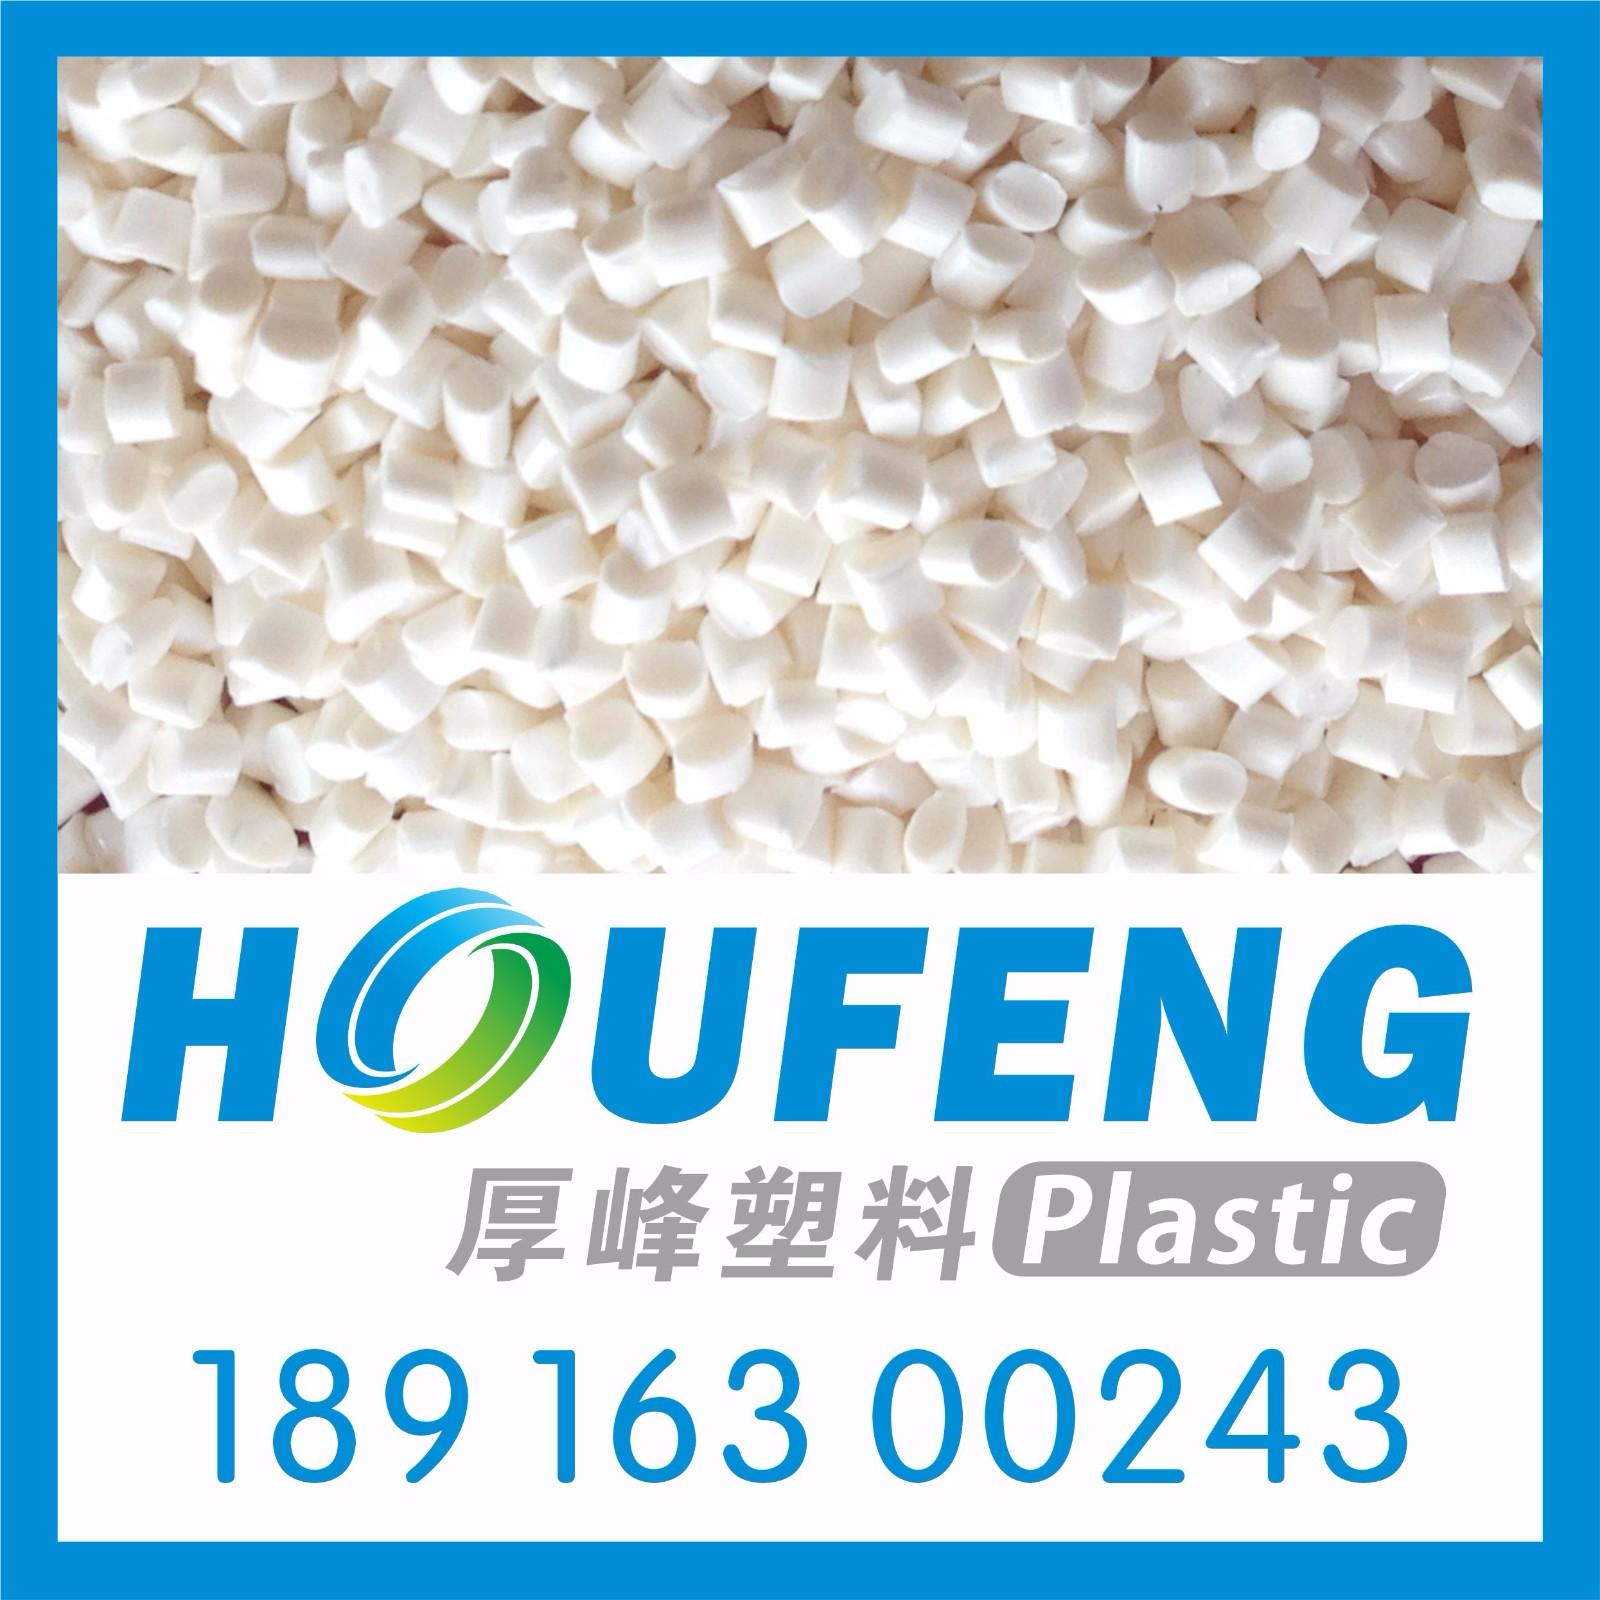 上海厚峰塑胶科技有限公司